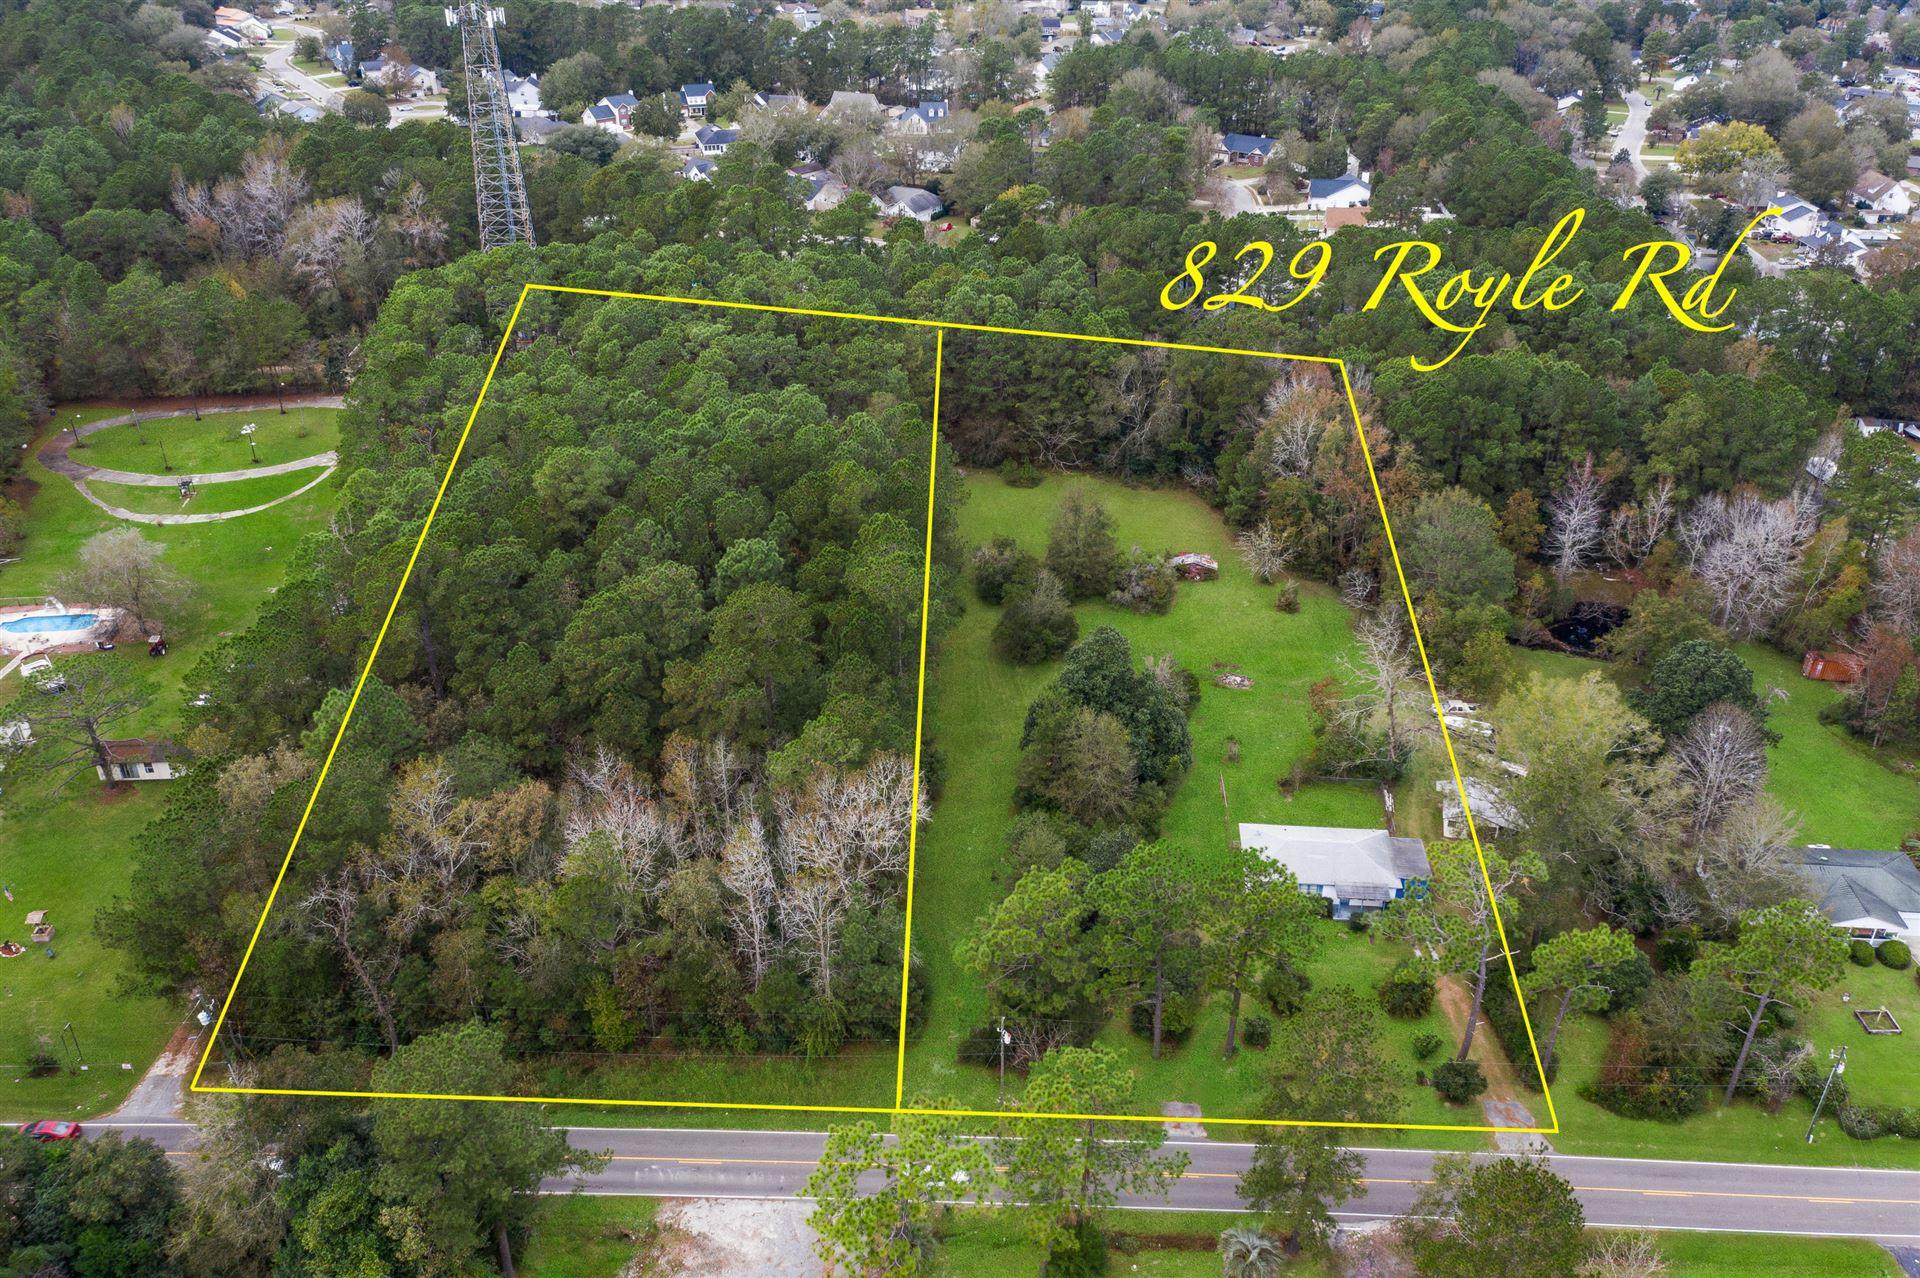 829 Royle Road, Ladson, SC 29456 - #: 20033298